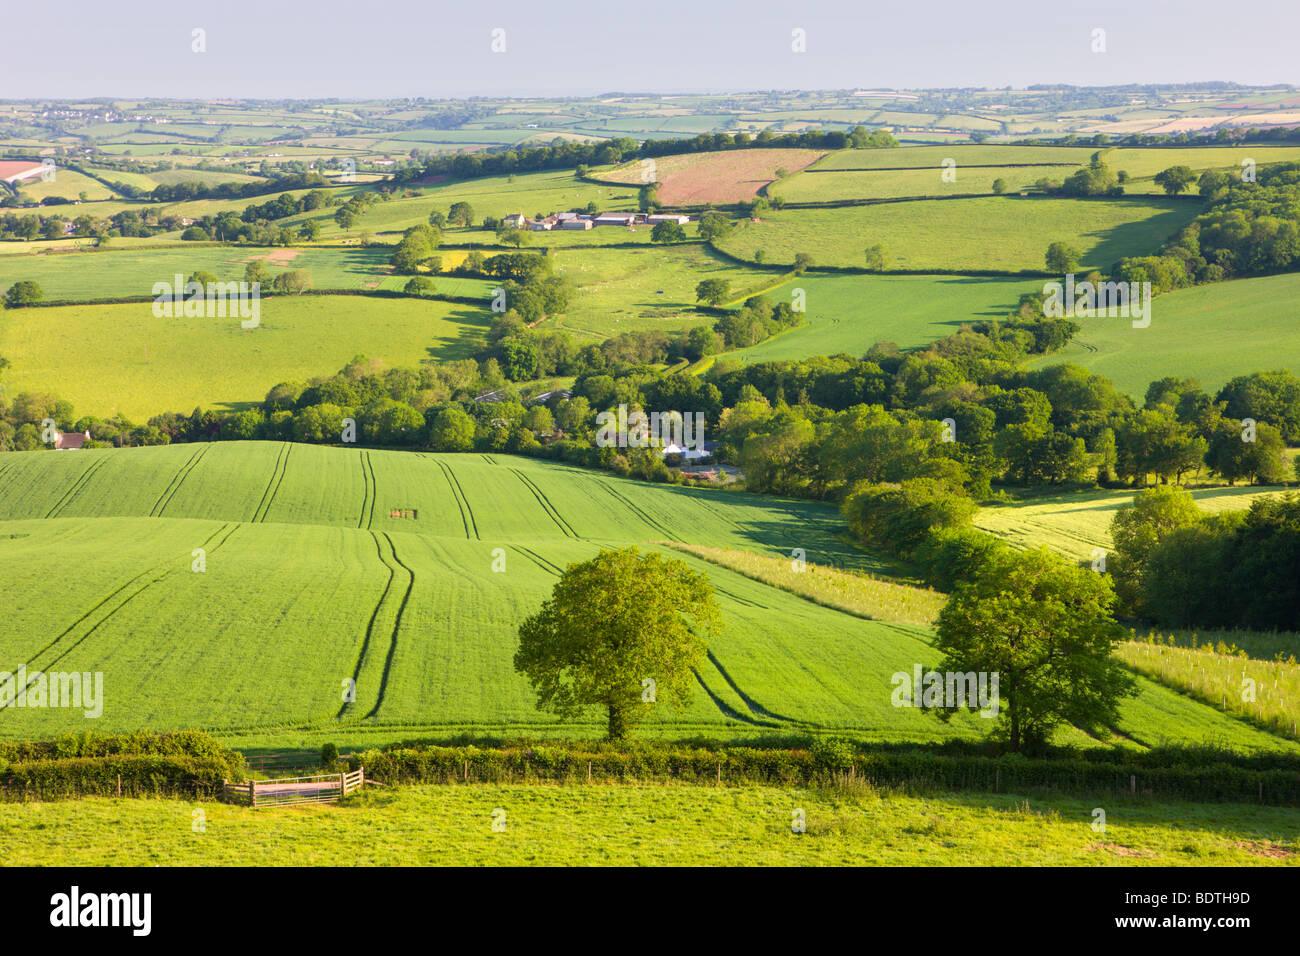 Hügeligem Ackerland in der Nähe von Stockleigh Pomeroy, Devon, England. Sommer (Juni) 2009 Stockbild